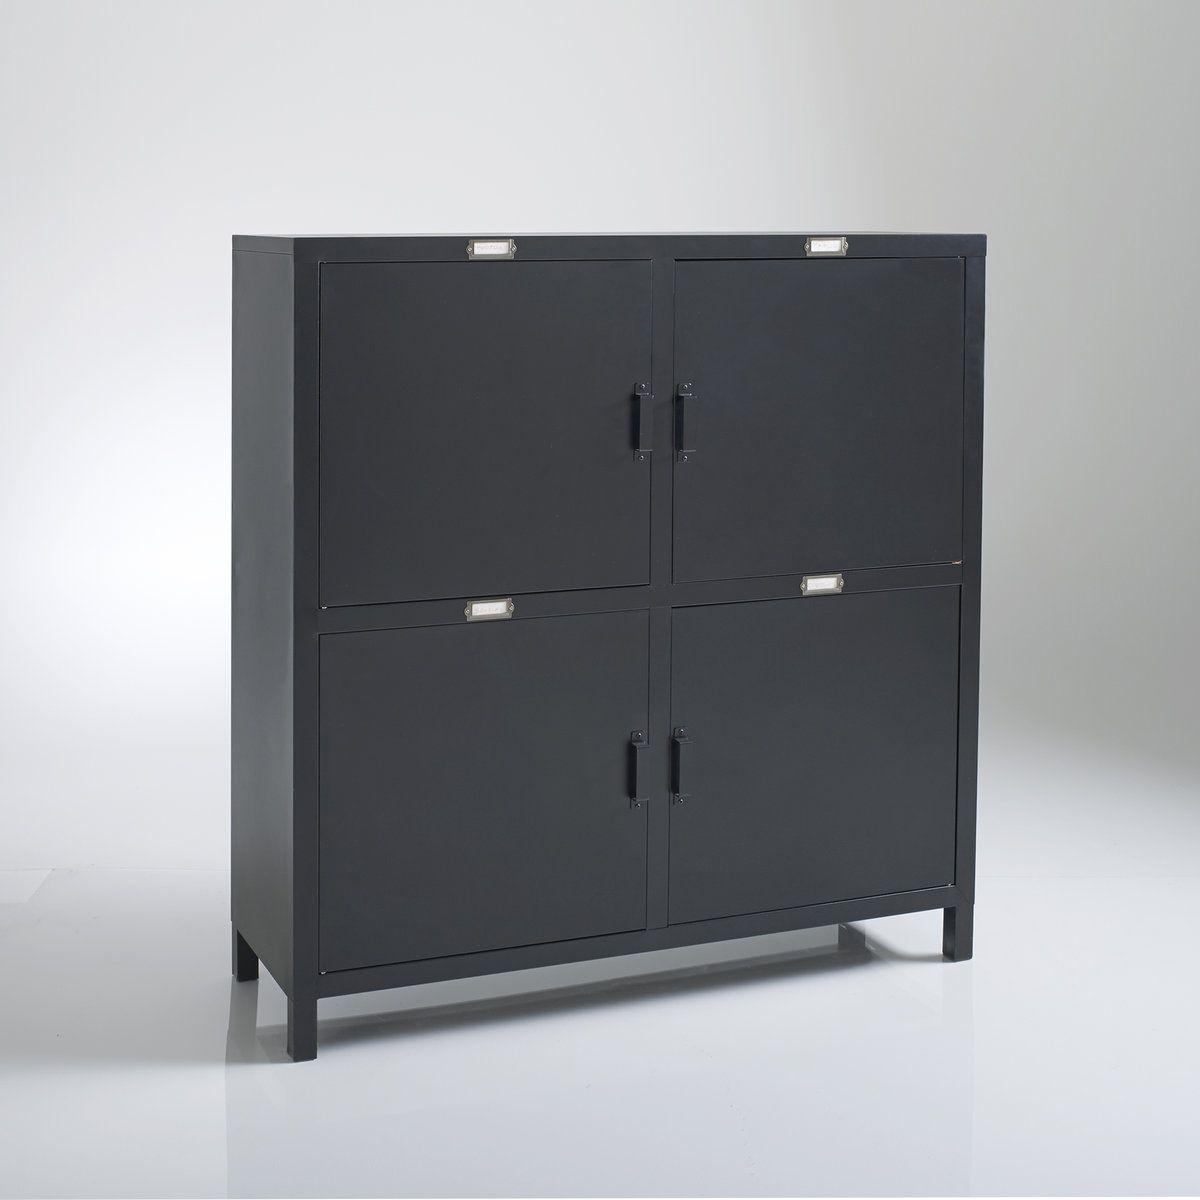 code promo la redoute bon de r duction la redoute. Black Bedroom Furniture Sets. Home Design Ideas